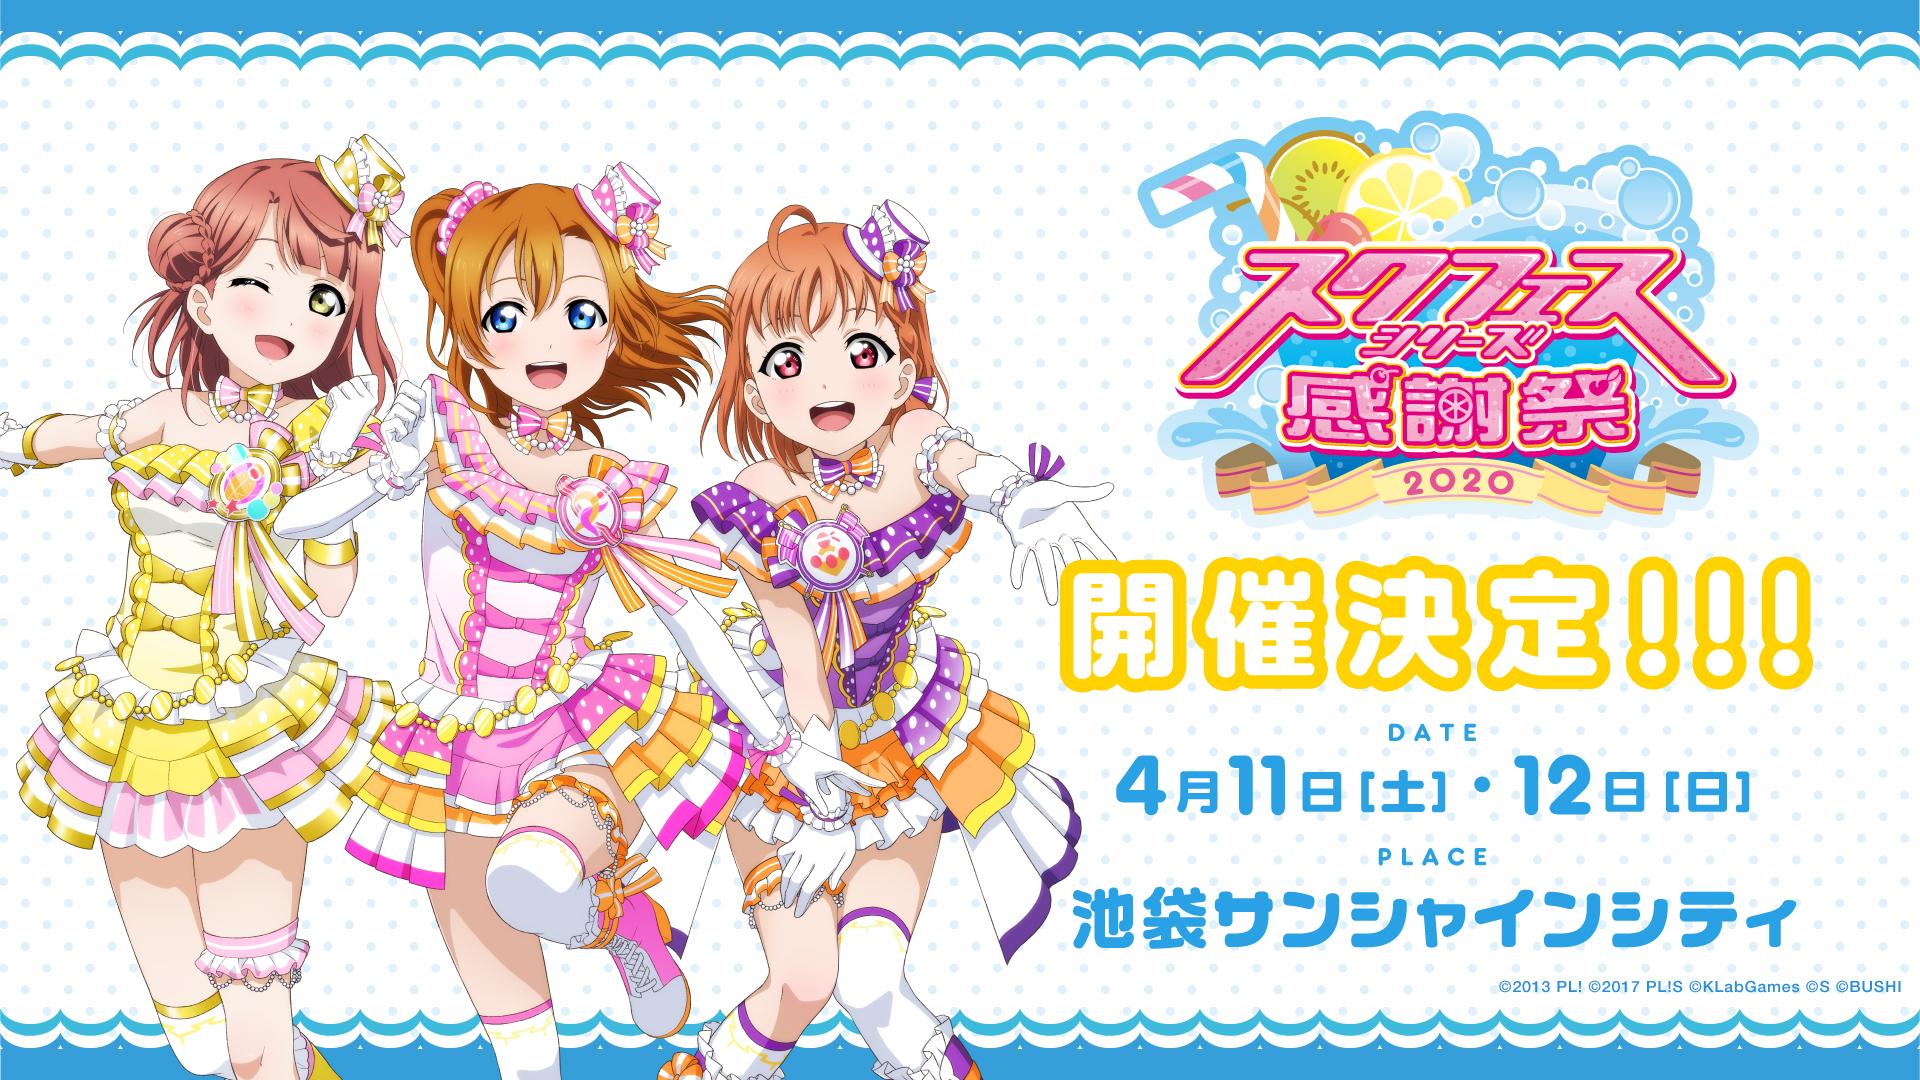 【スクフェスシリーズ感謝祭2020】開催決定!!チケットスケジュール公開!